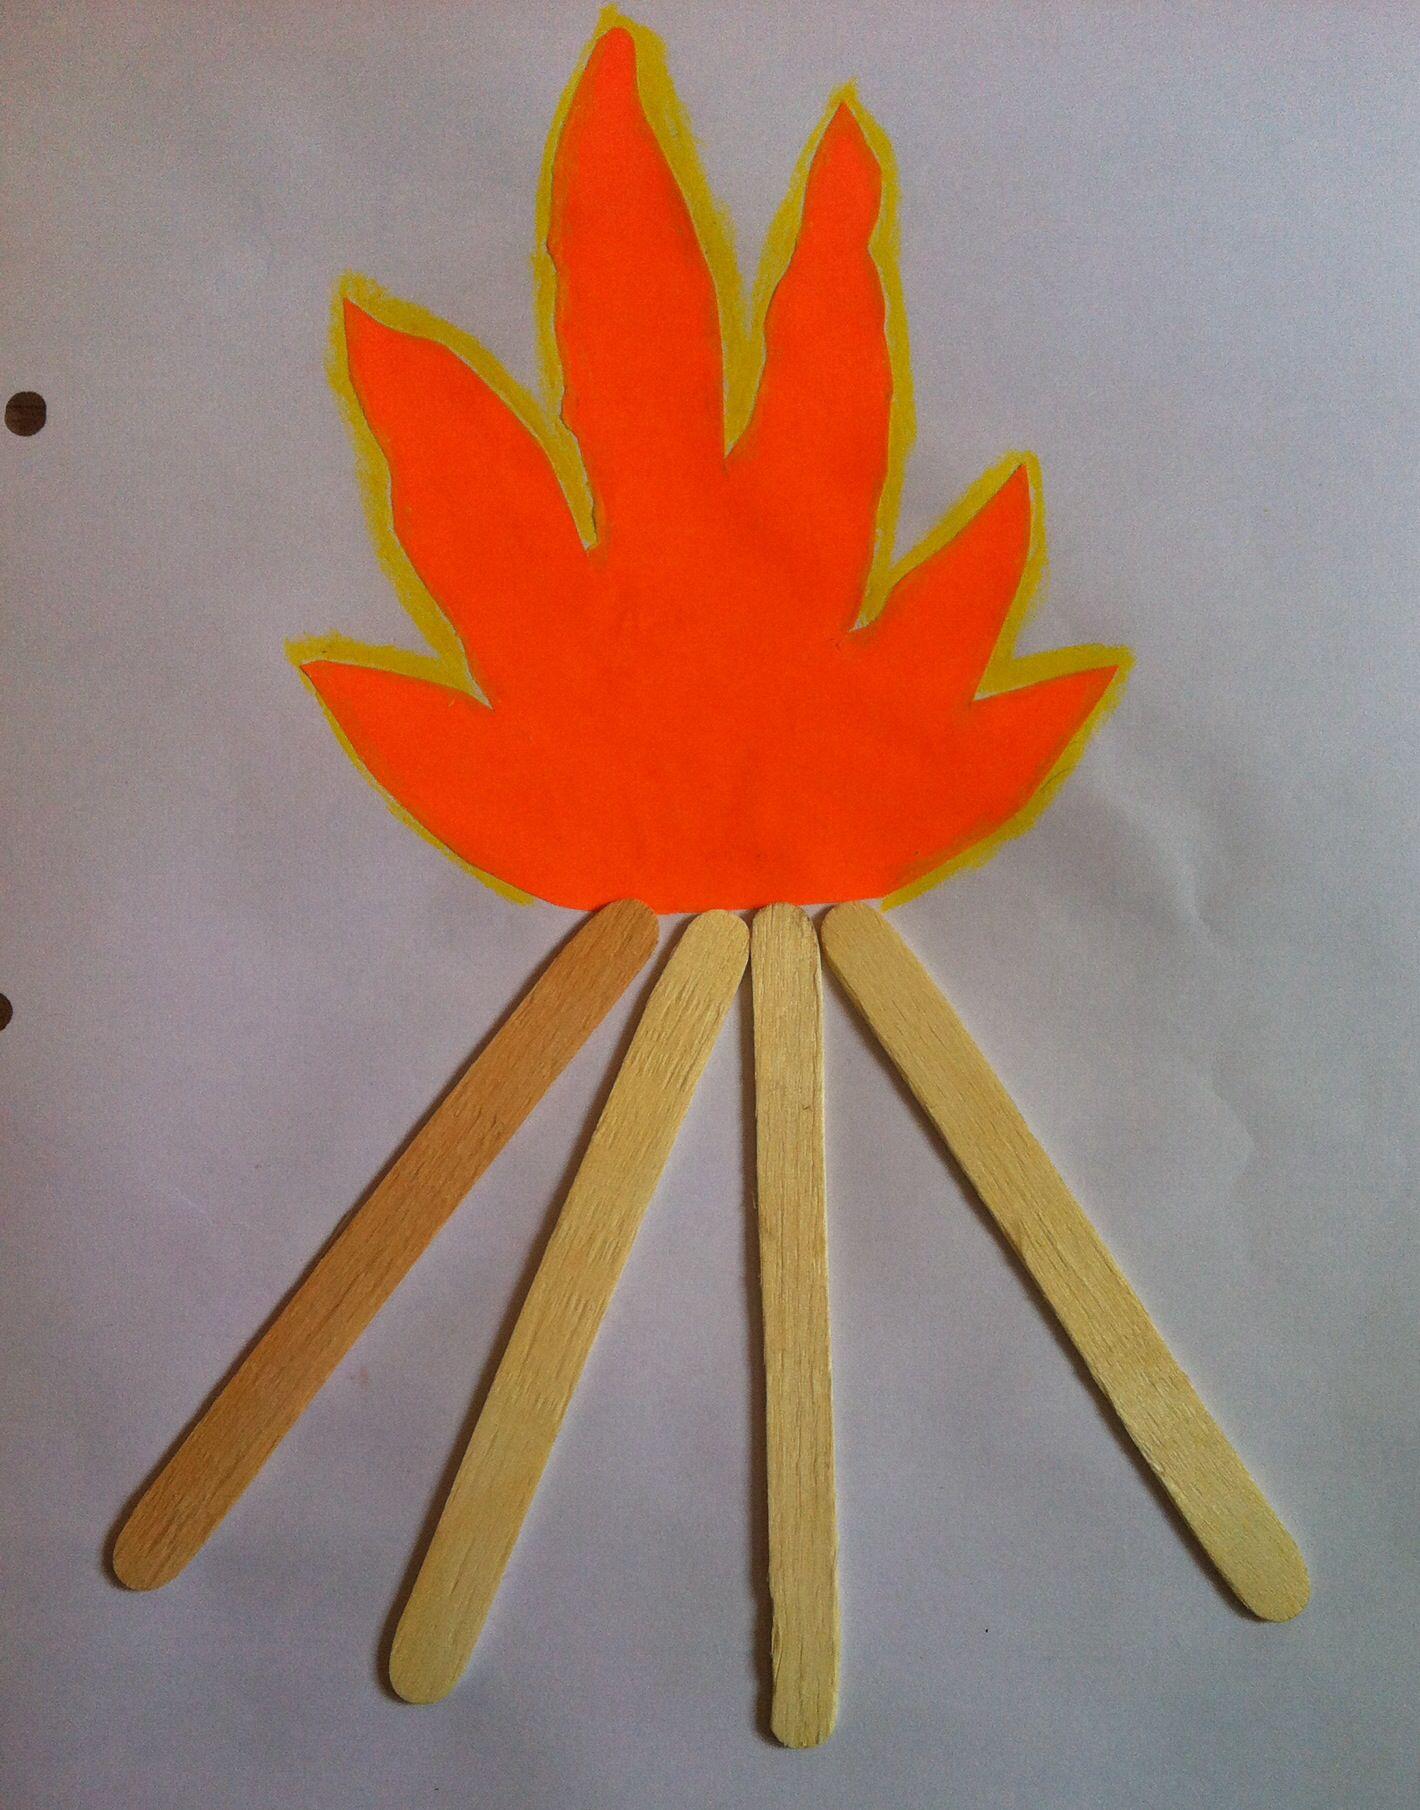 Bhogi Lohri Craft Fire School Projects And Craft Ideas Easy